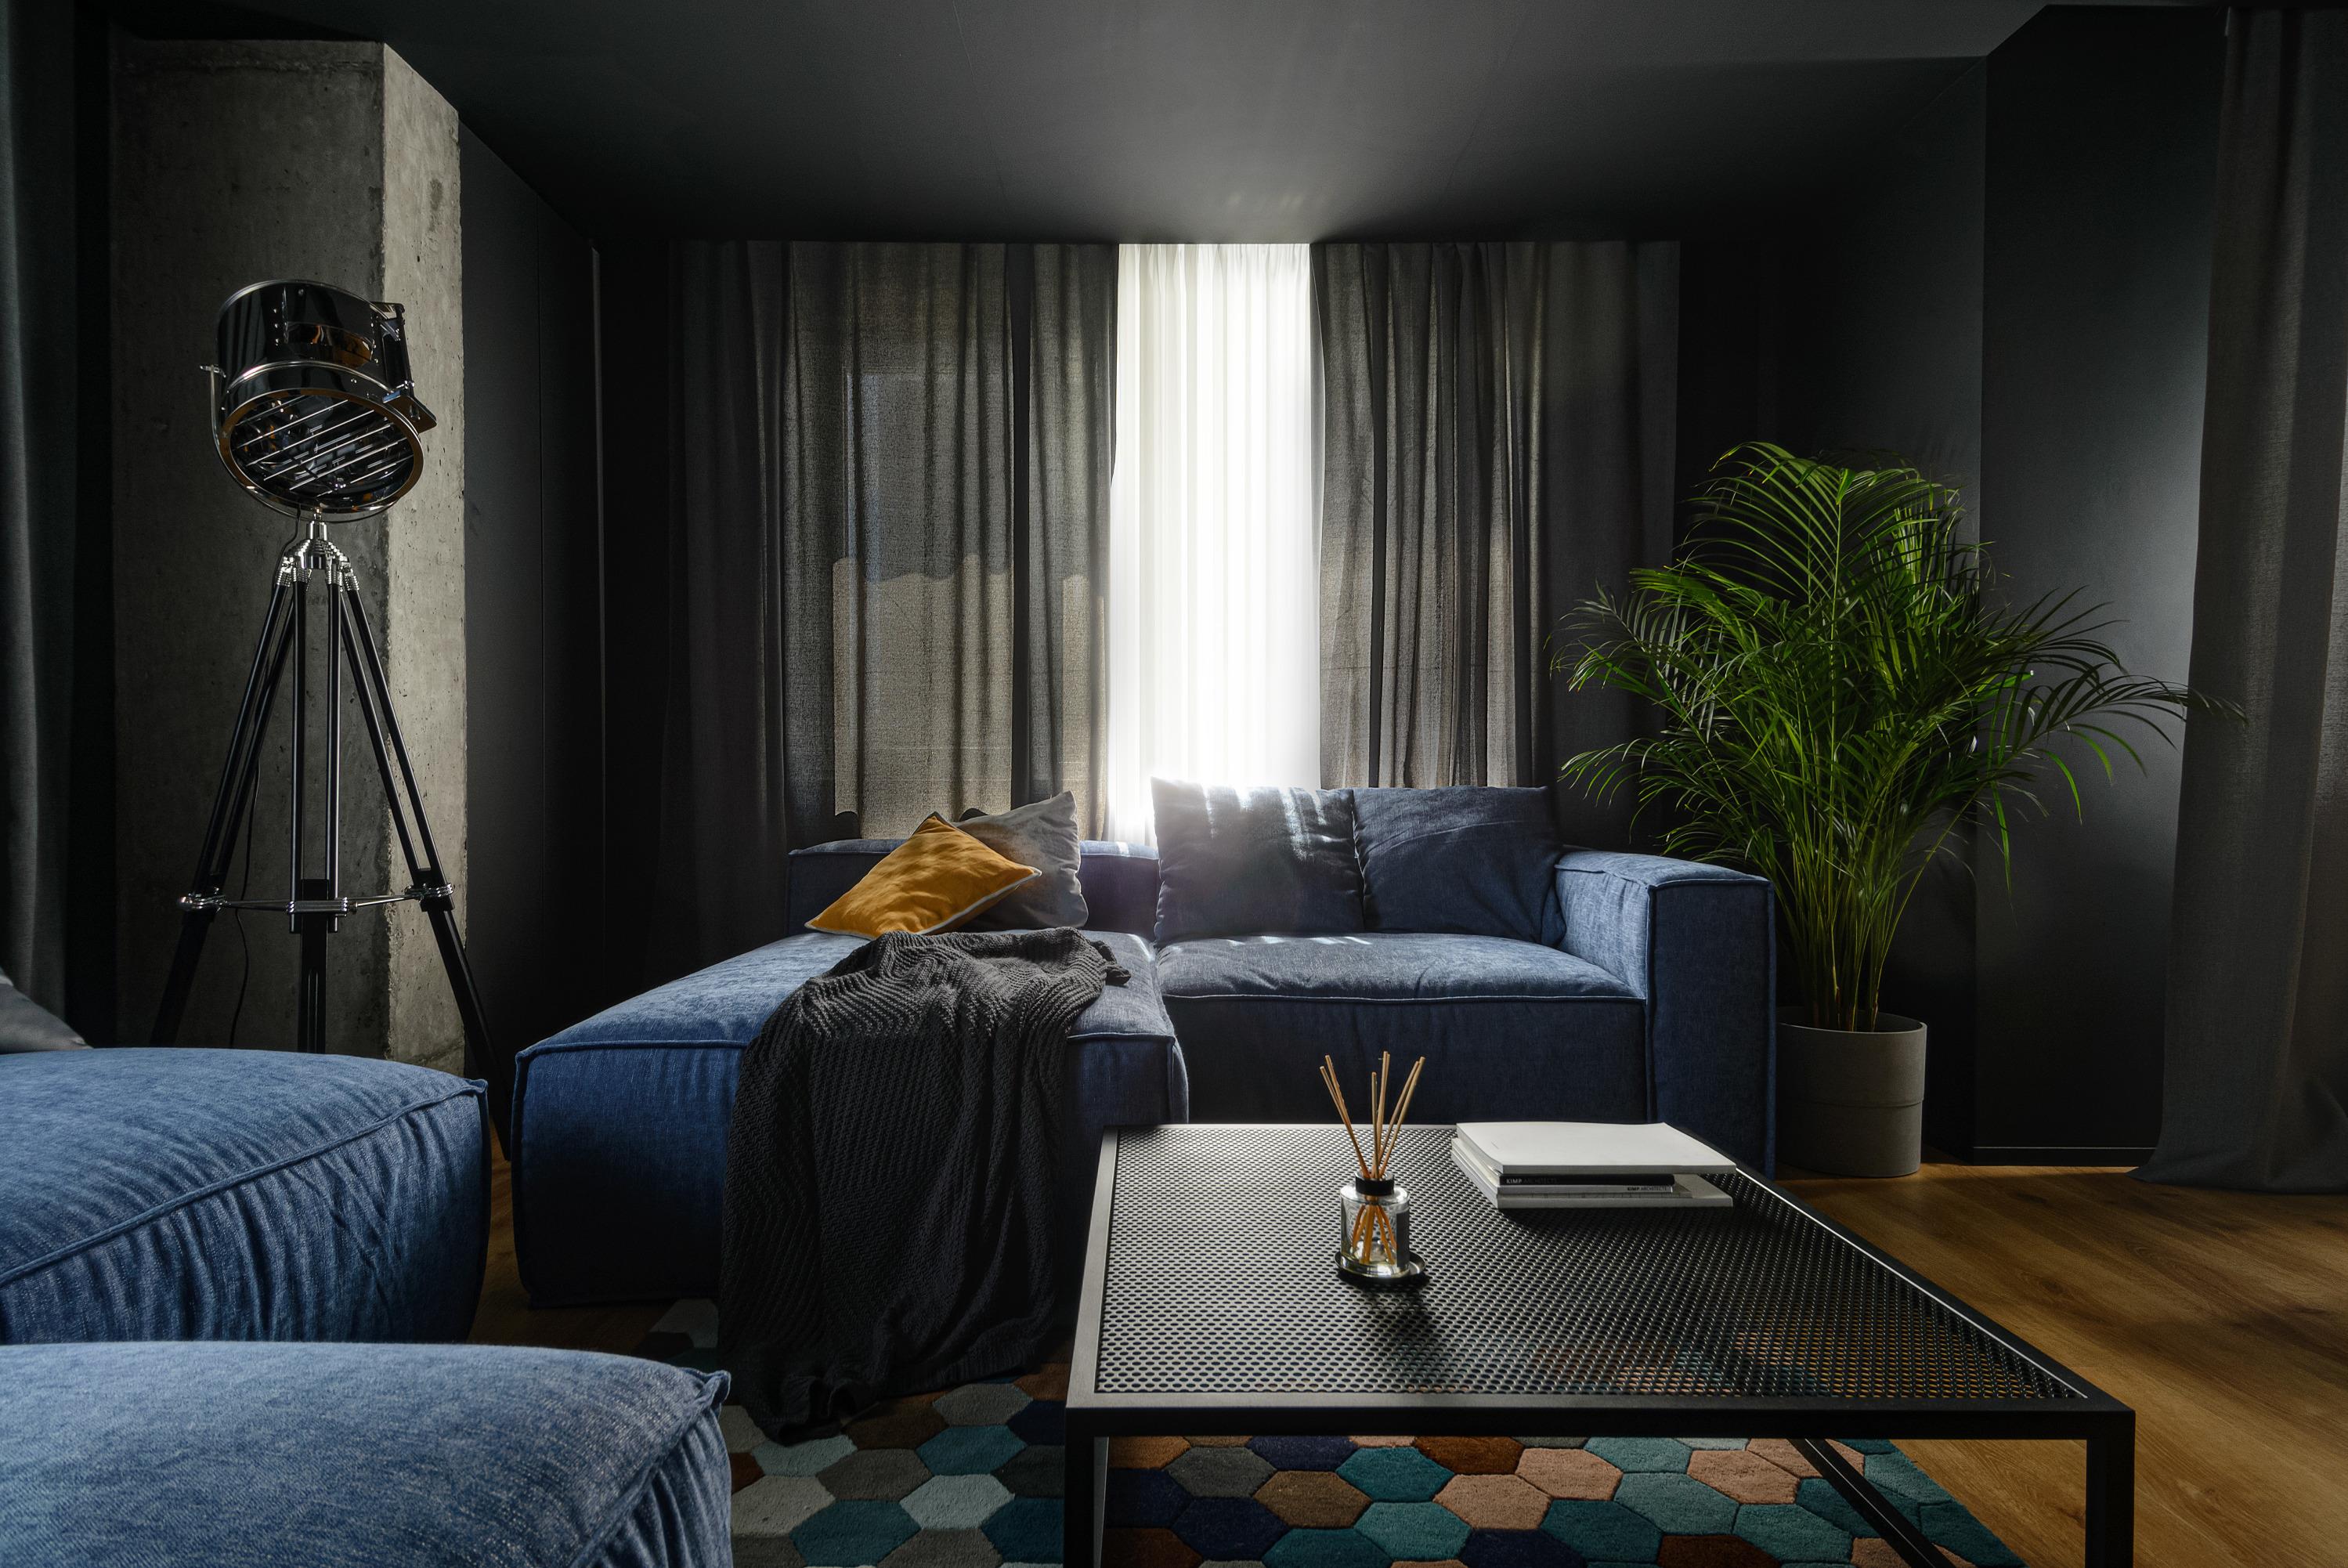 В квартире большие окна и много света, который можно прикрыть гардинами, создав уютный полумрак